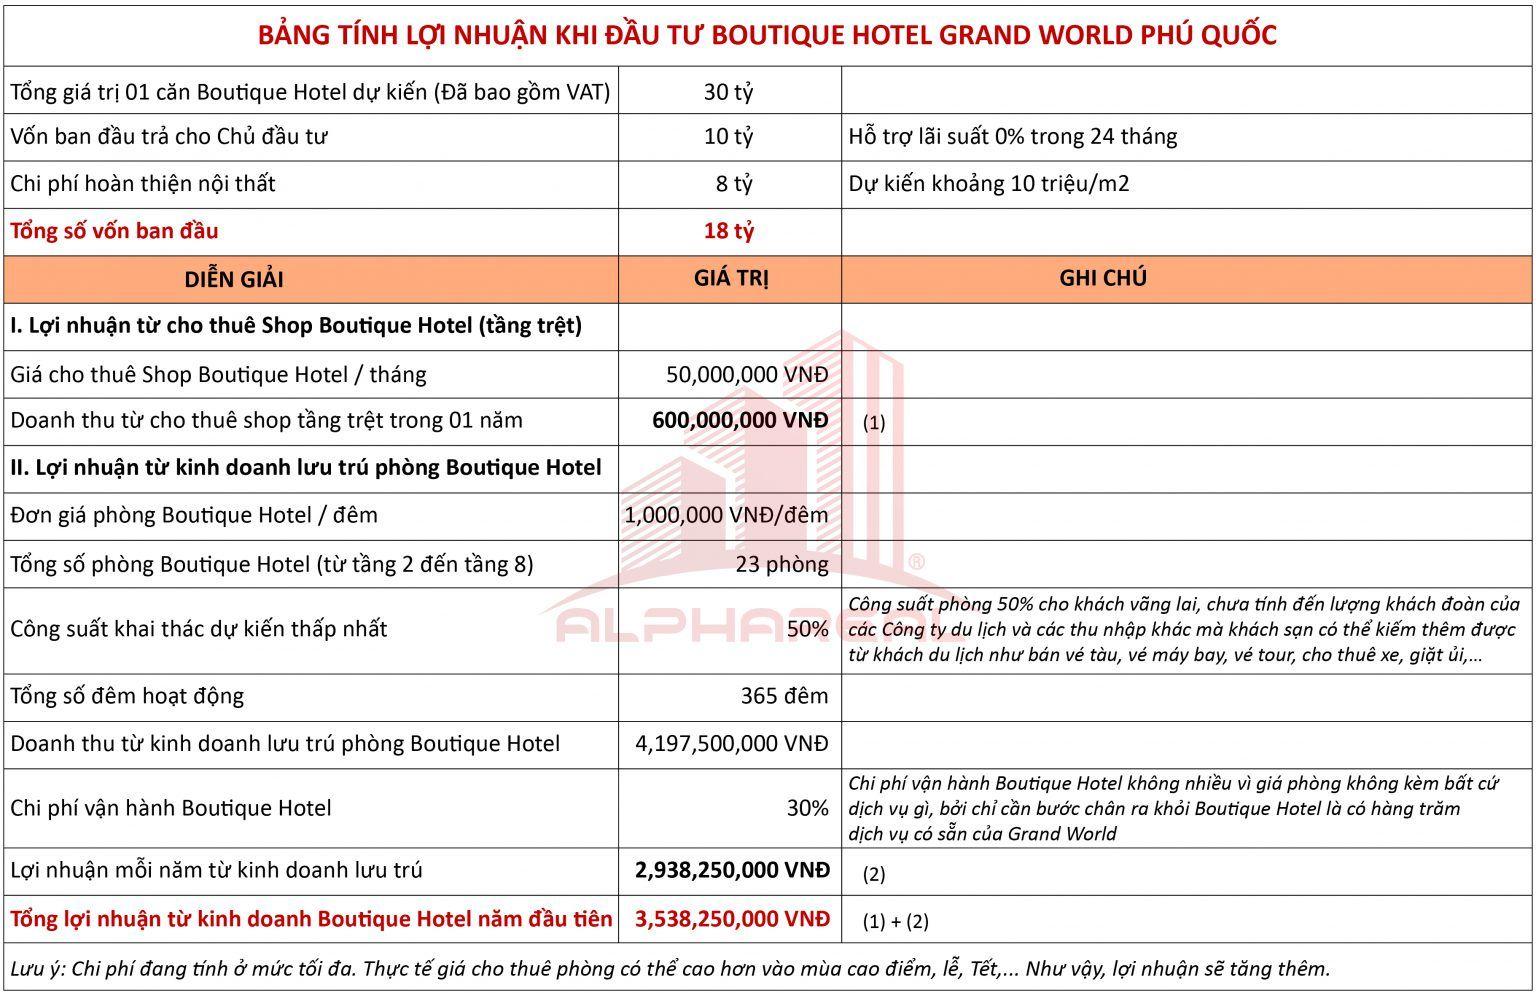 đầu tư mini hotel grand world phú quốc lợi nhuận bao nhiêu